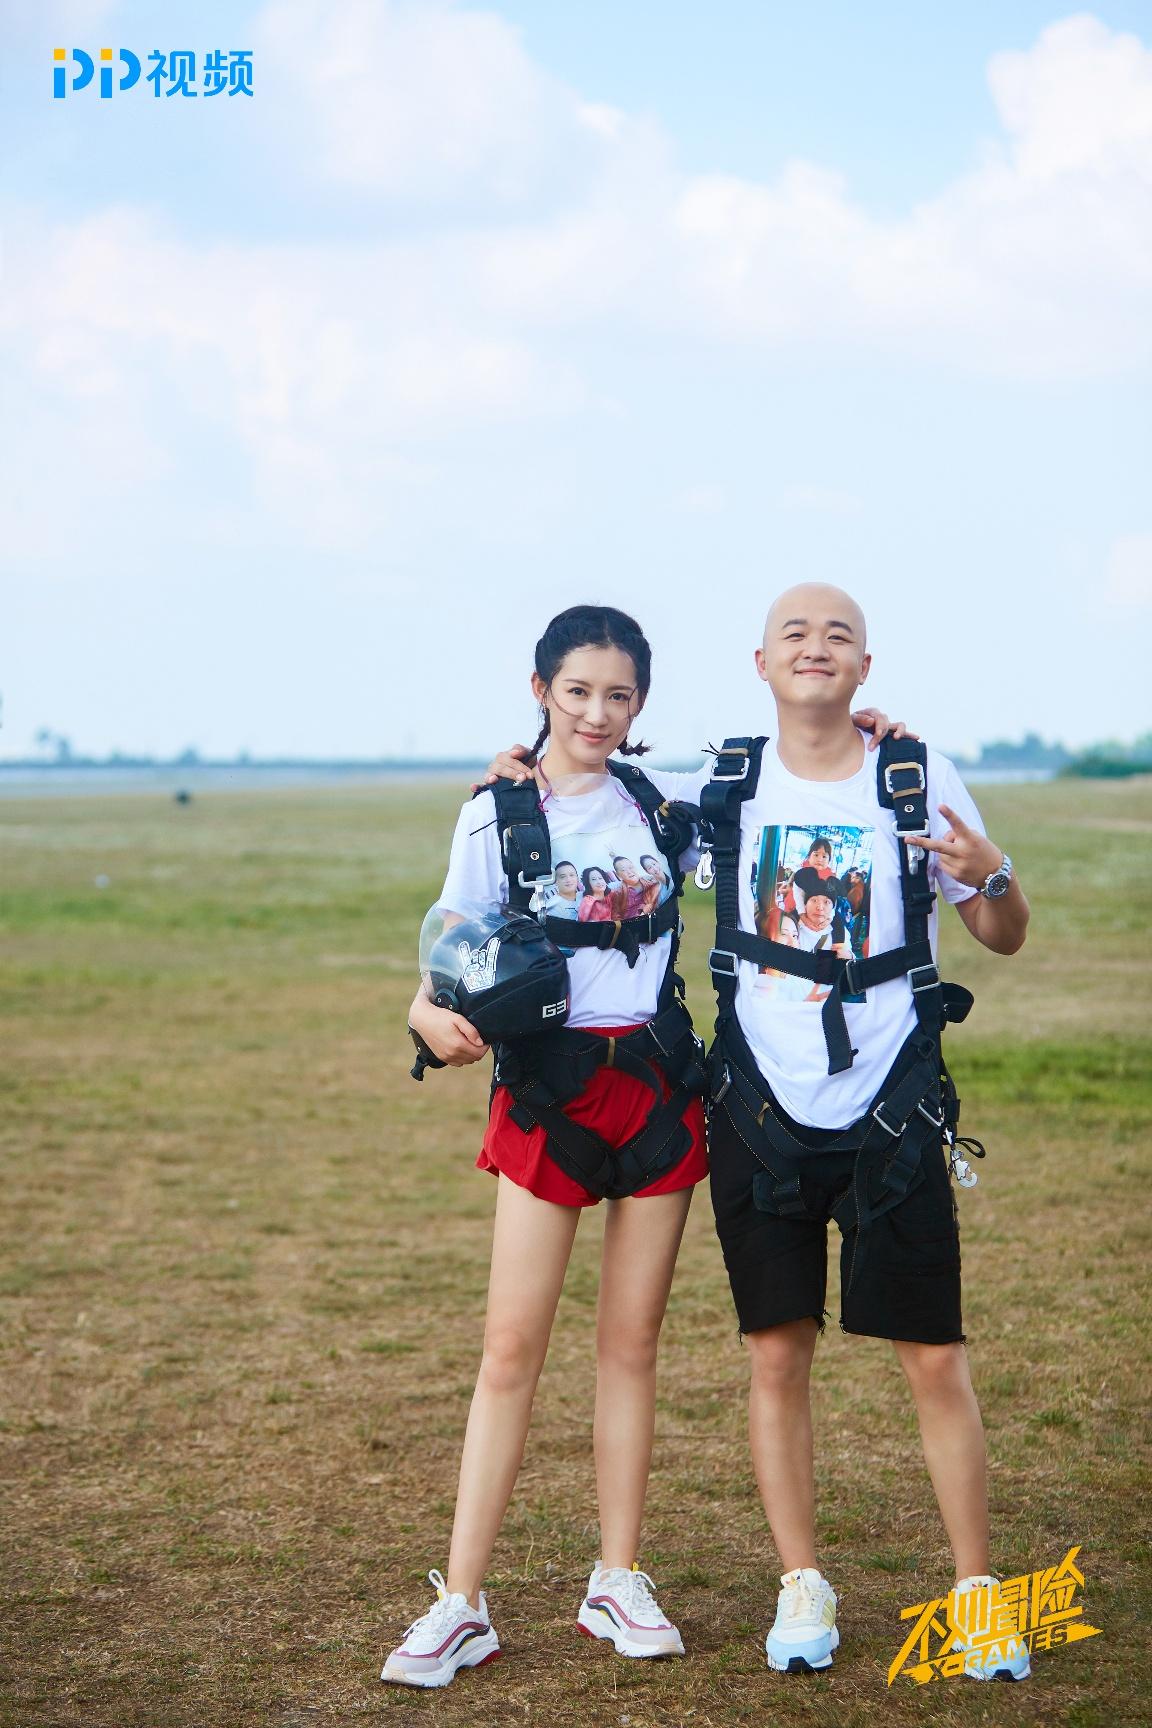 《不如冒险》今日首播  苏青包贝尔挑战高空跳伞勇气获赞